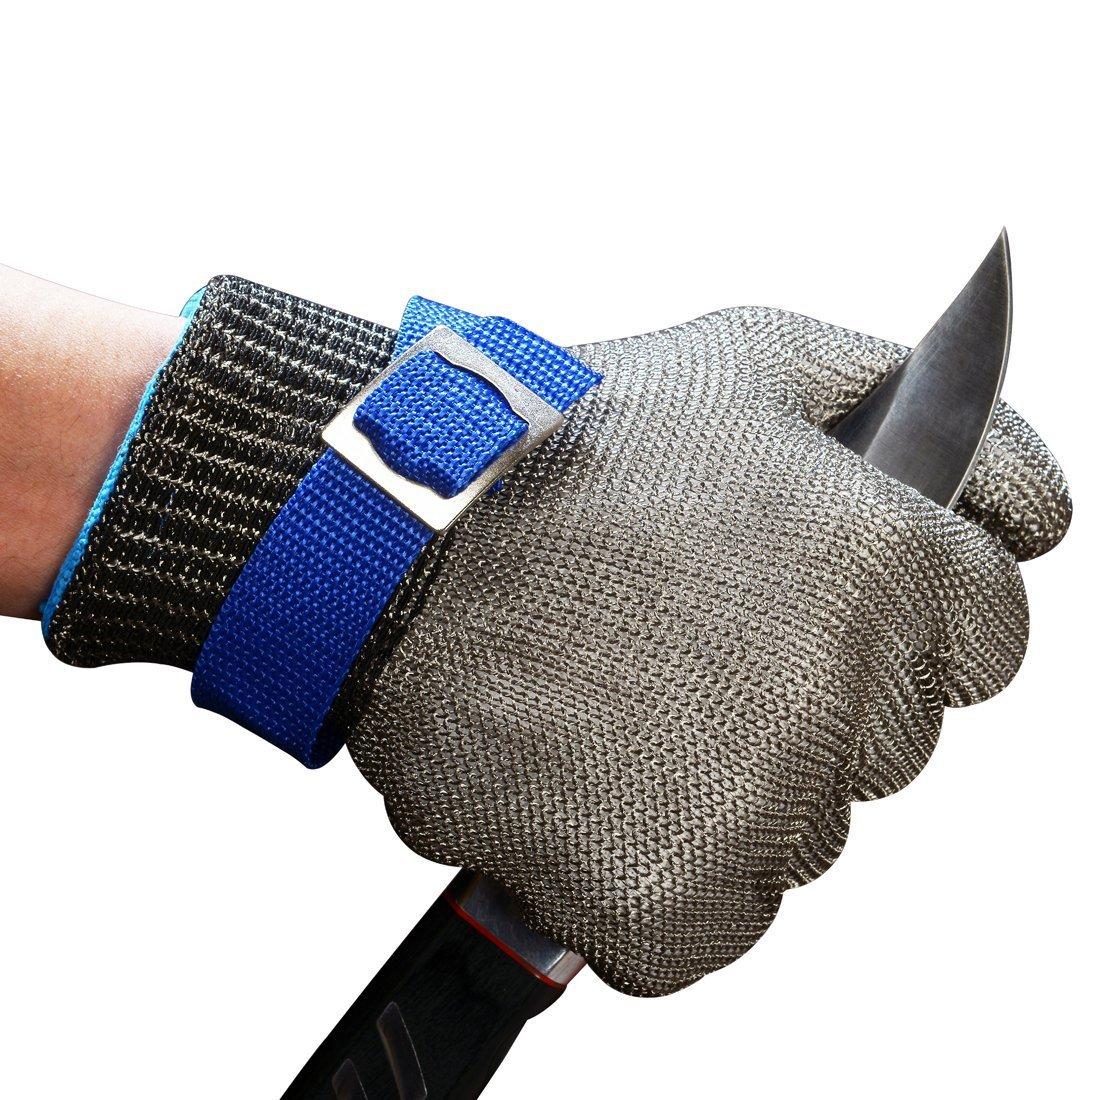 Guantes de soldador Hase Safety Ligeros Peru EN388 EN420 EN407 Guantes para Trabajos de Soldadura M Tama/ño